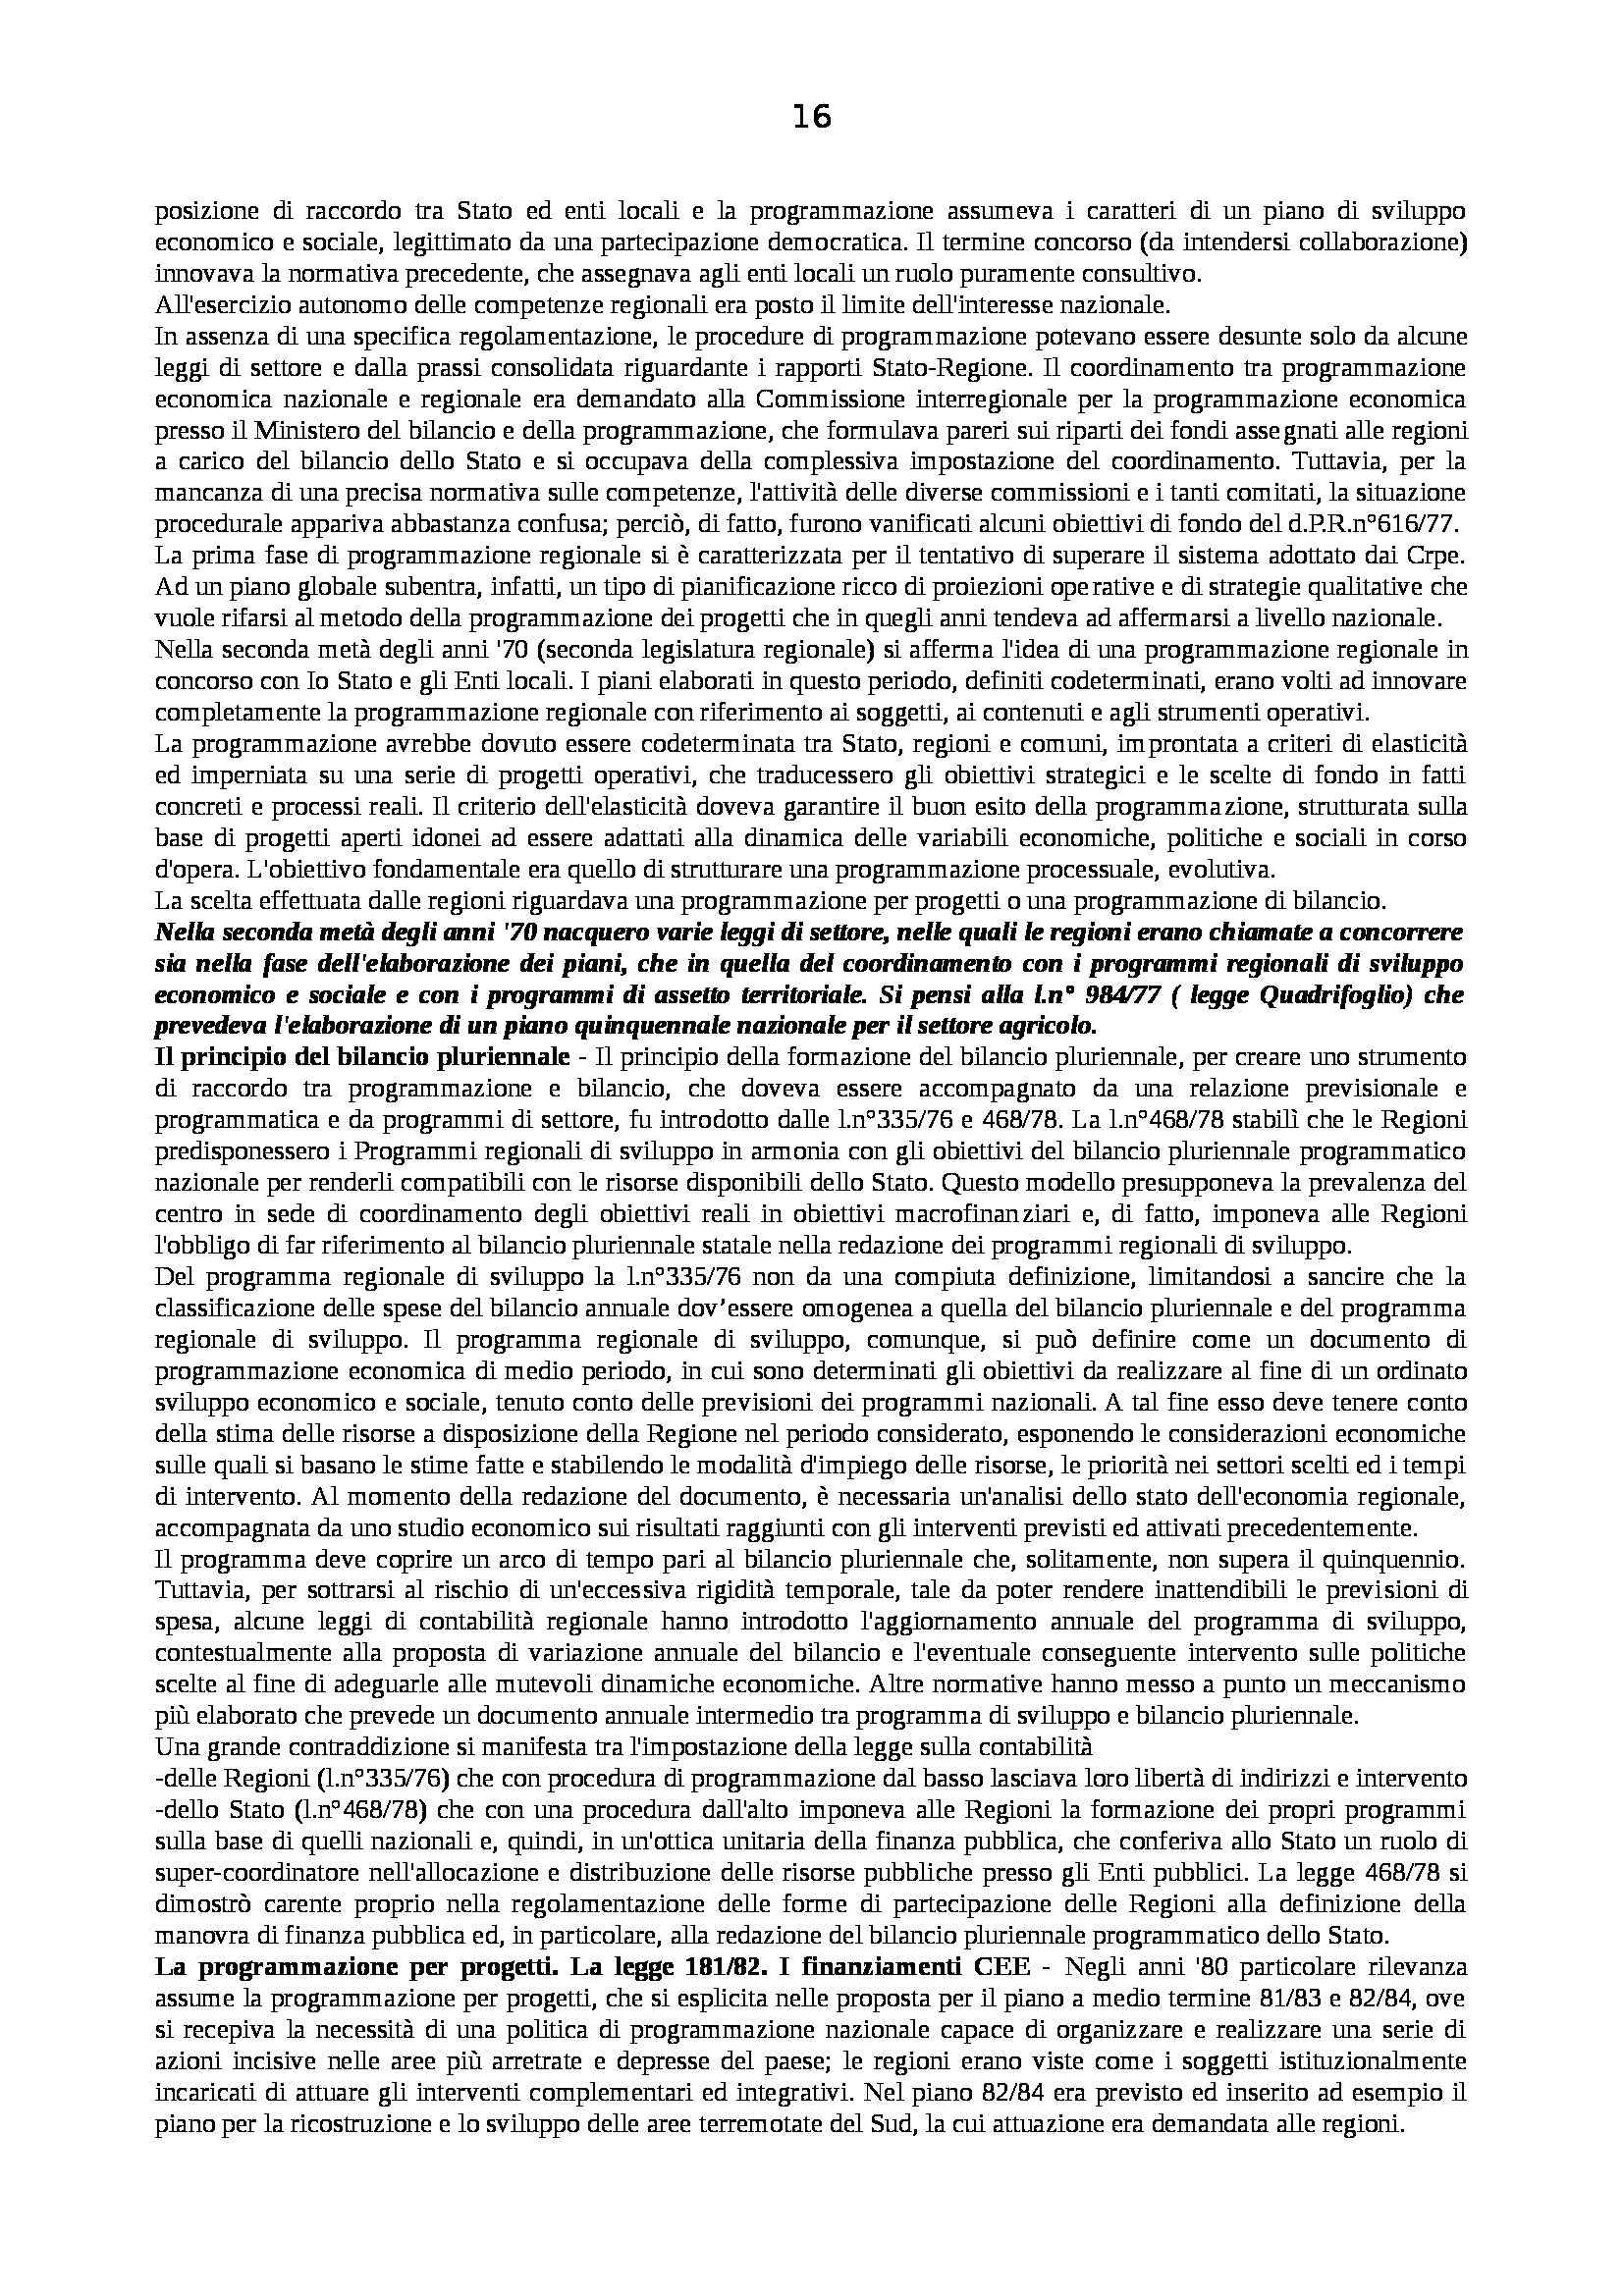 Riassunto esame Diritto Pubblico dell'Economia, prof. Capunzo, libro consigliato Argomenti di Diritto Pubblico dell'Economia di Capunzo Pag. 16